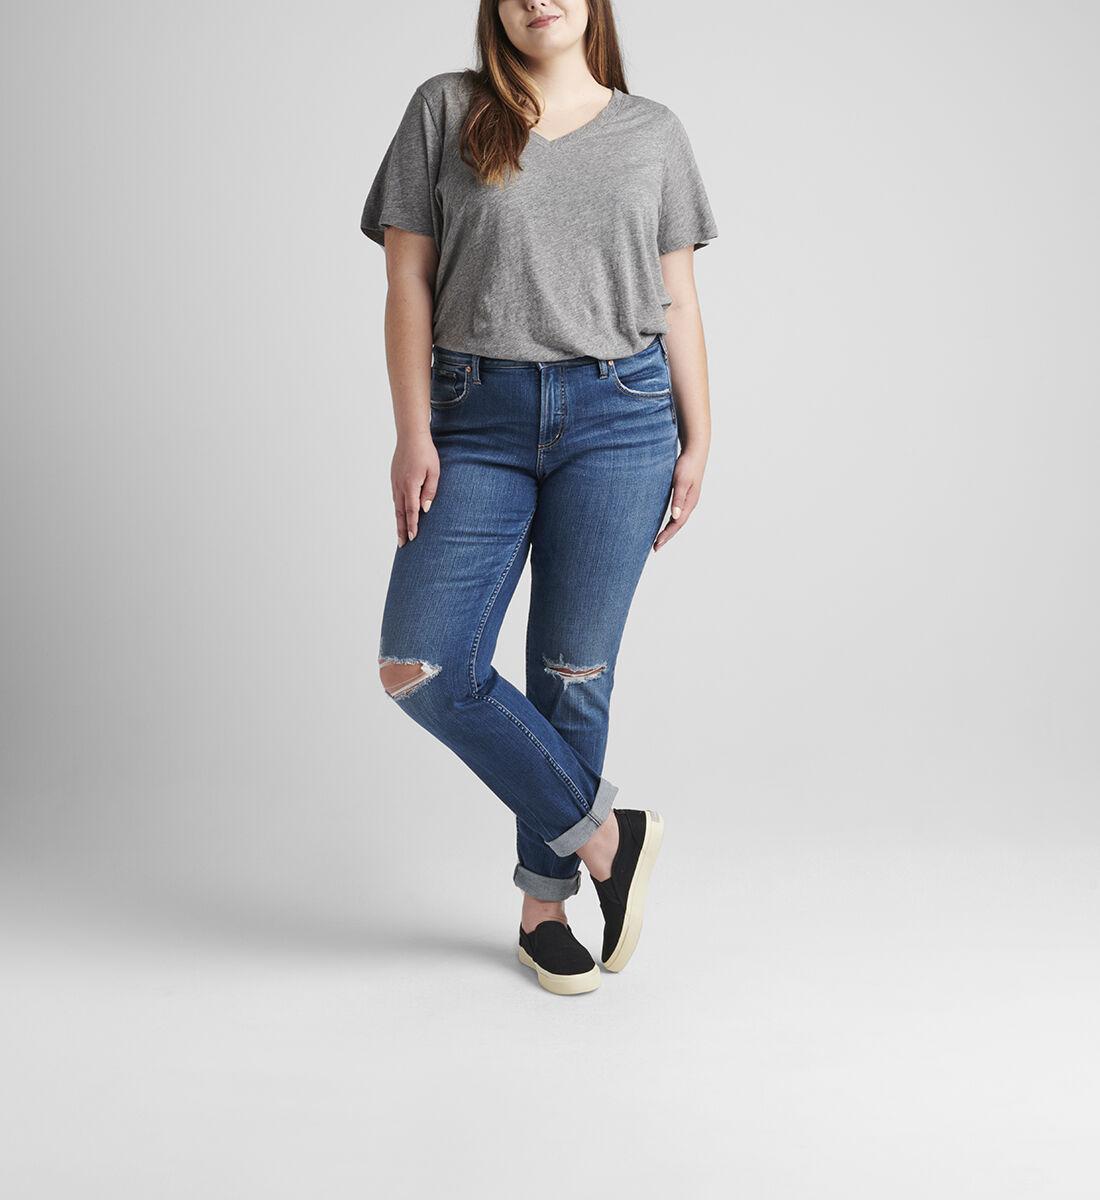 Beau Mid Rise Slim Leg Jeans Plus Size Front